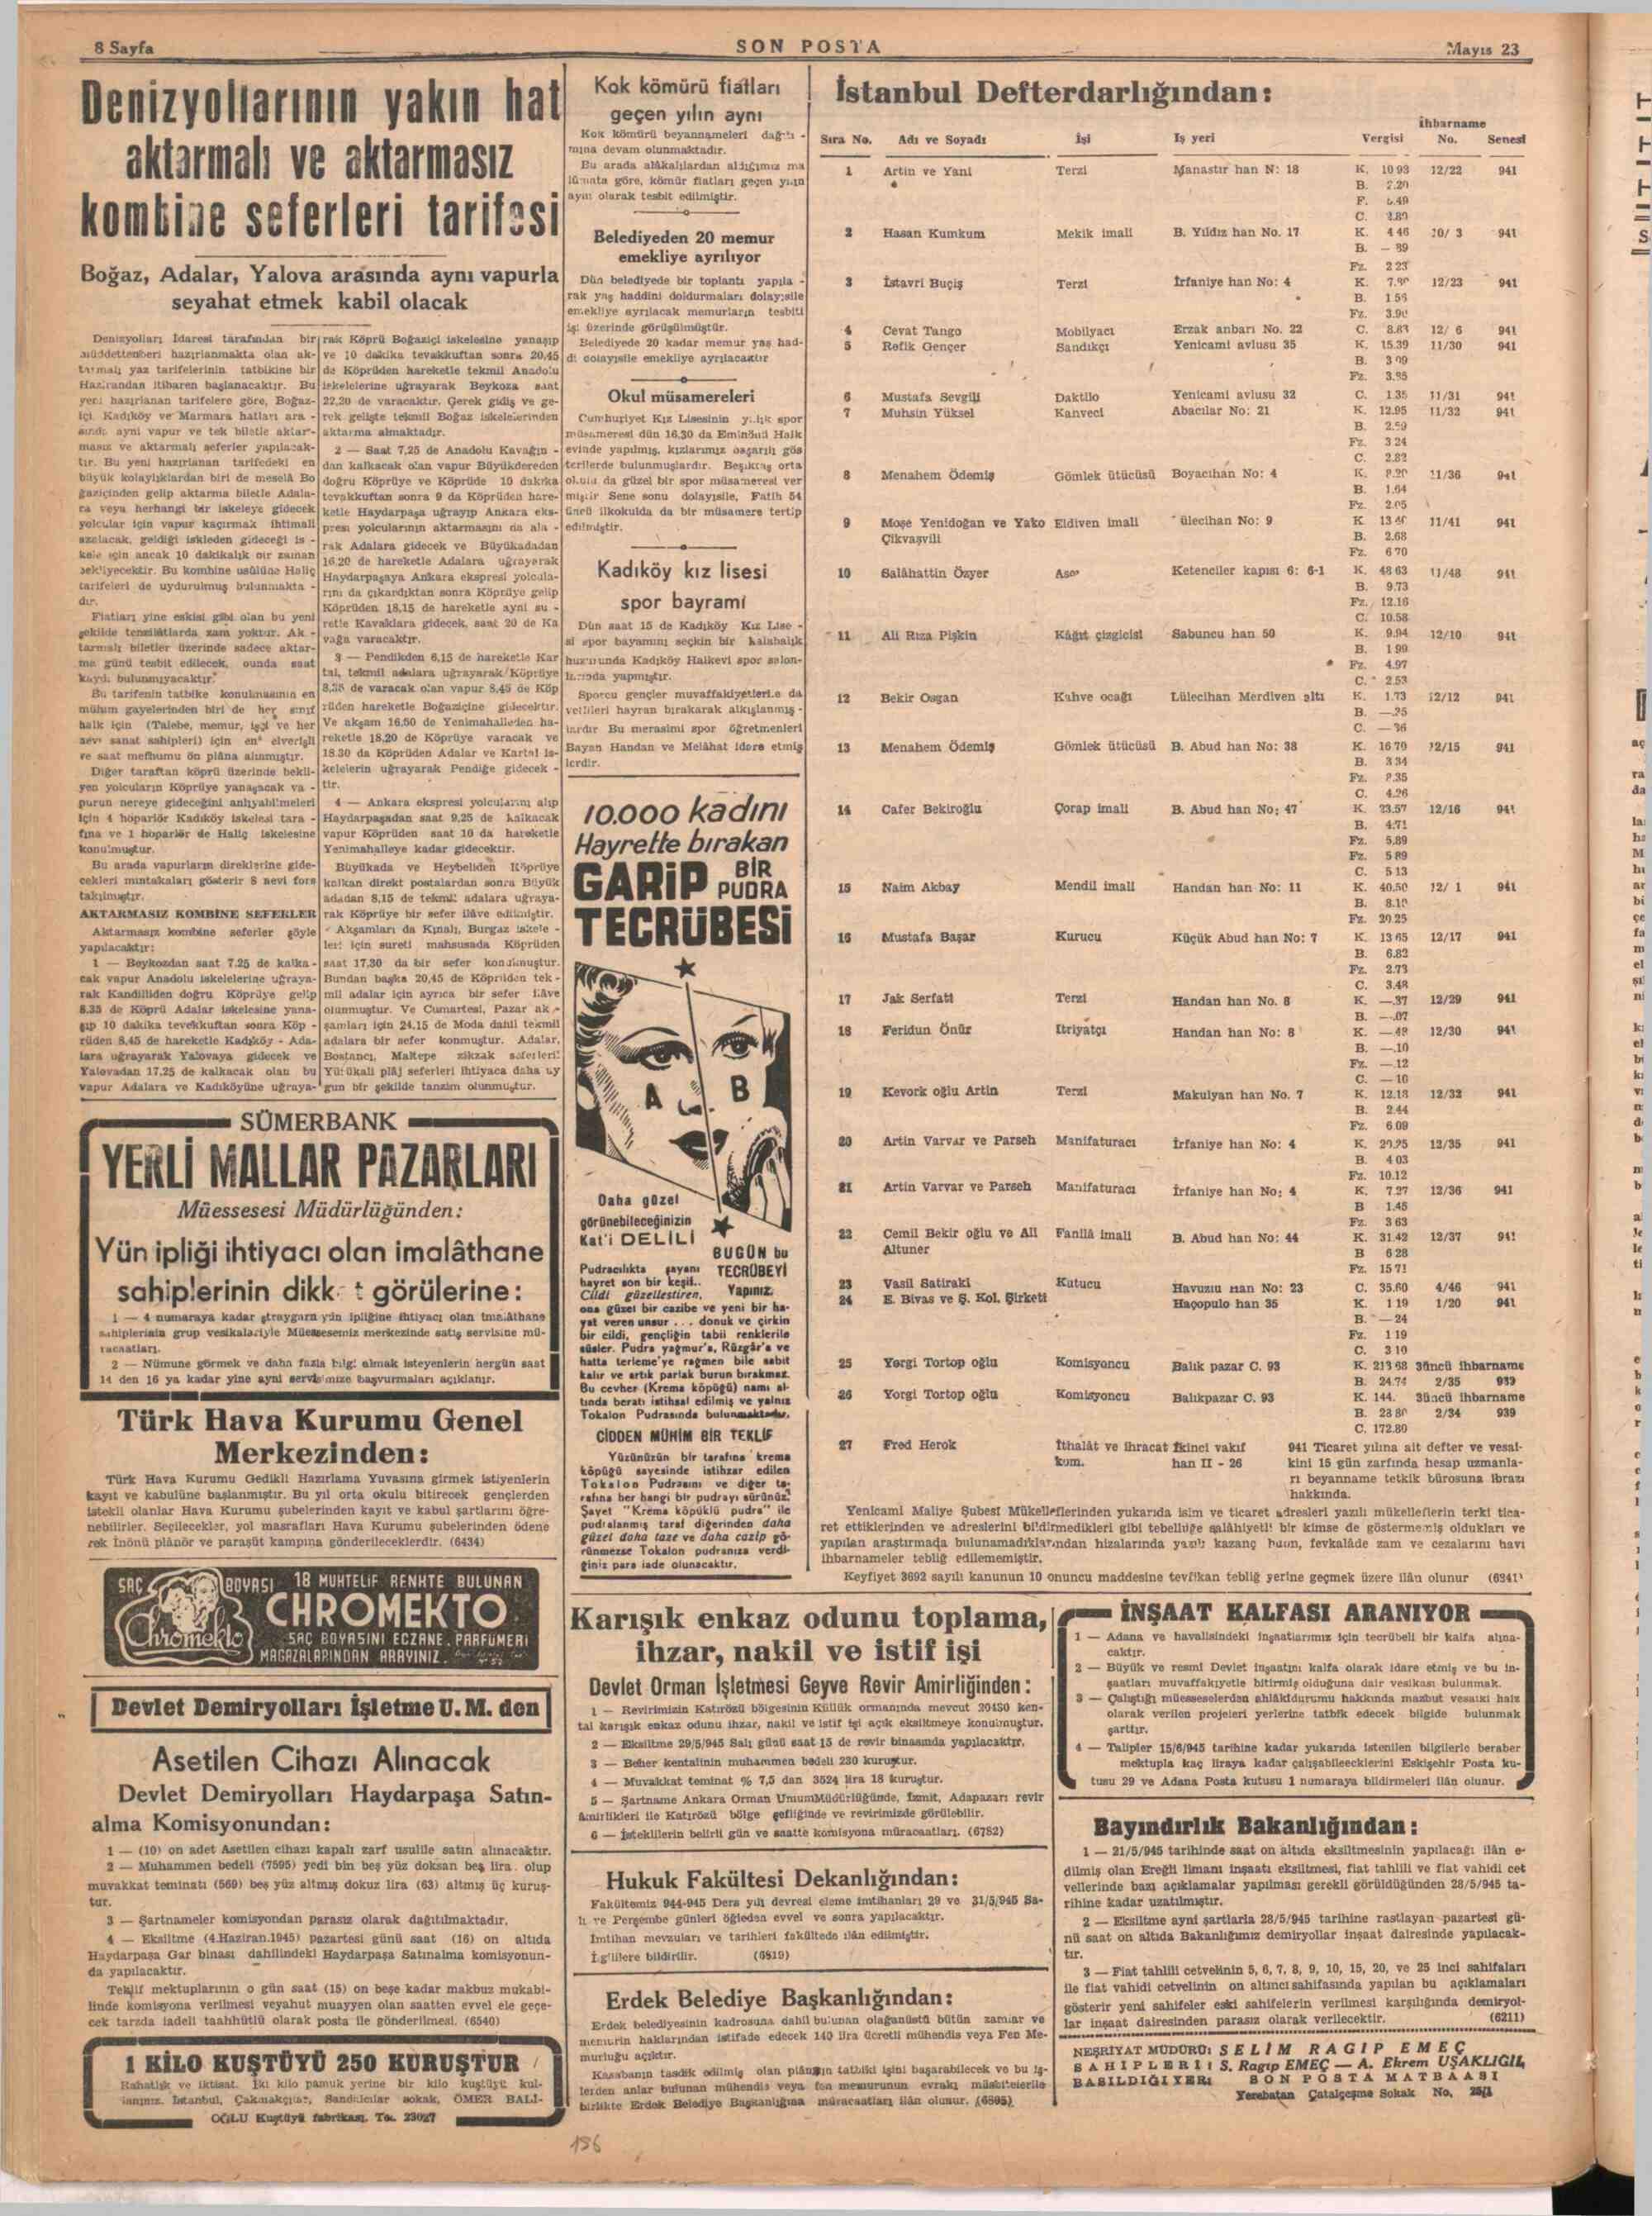 23 Mayıs 1945 Tarihli Son Posta Dergisi Sayfa 8